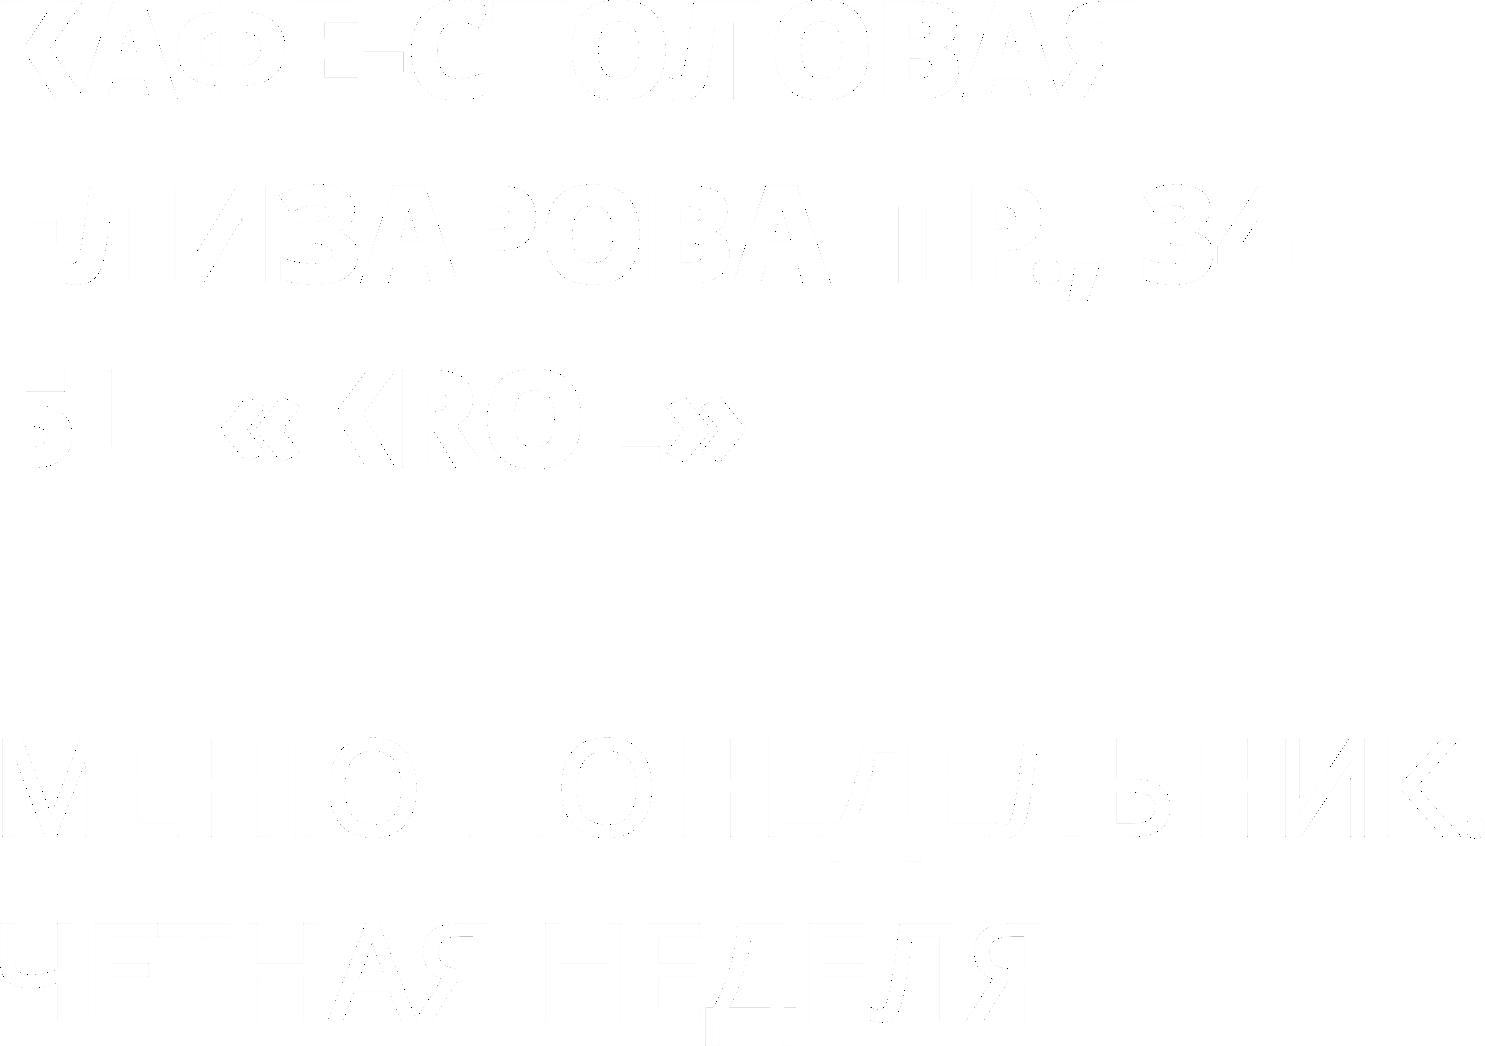 """КАФЕ-СТОЛОВАЯ БЦ """"KROL"""" Елизарова пр., 34 МЕНЮ ПОНЕДЕЛЬНИК. ЧЕТНАЯ НЕДЕЛЯ"""